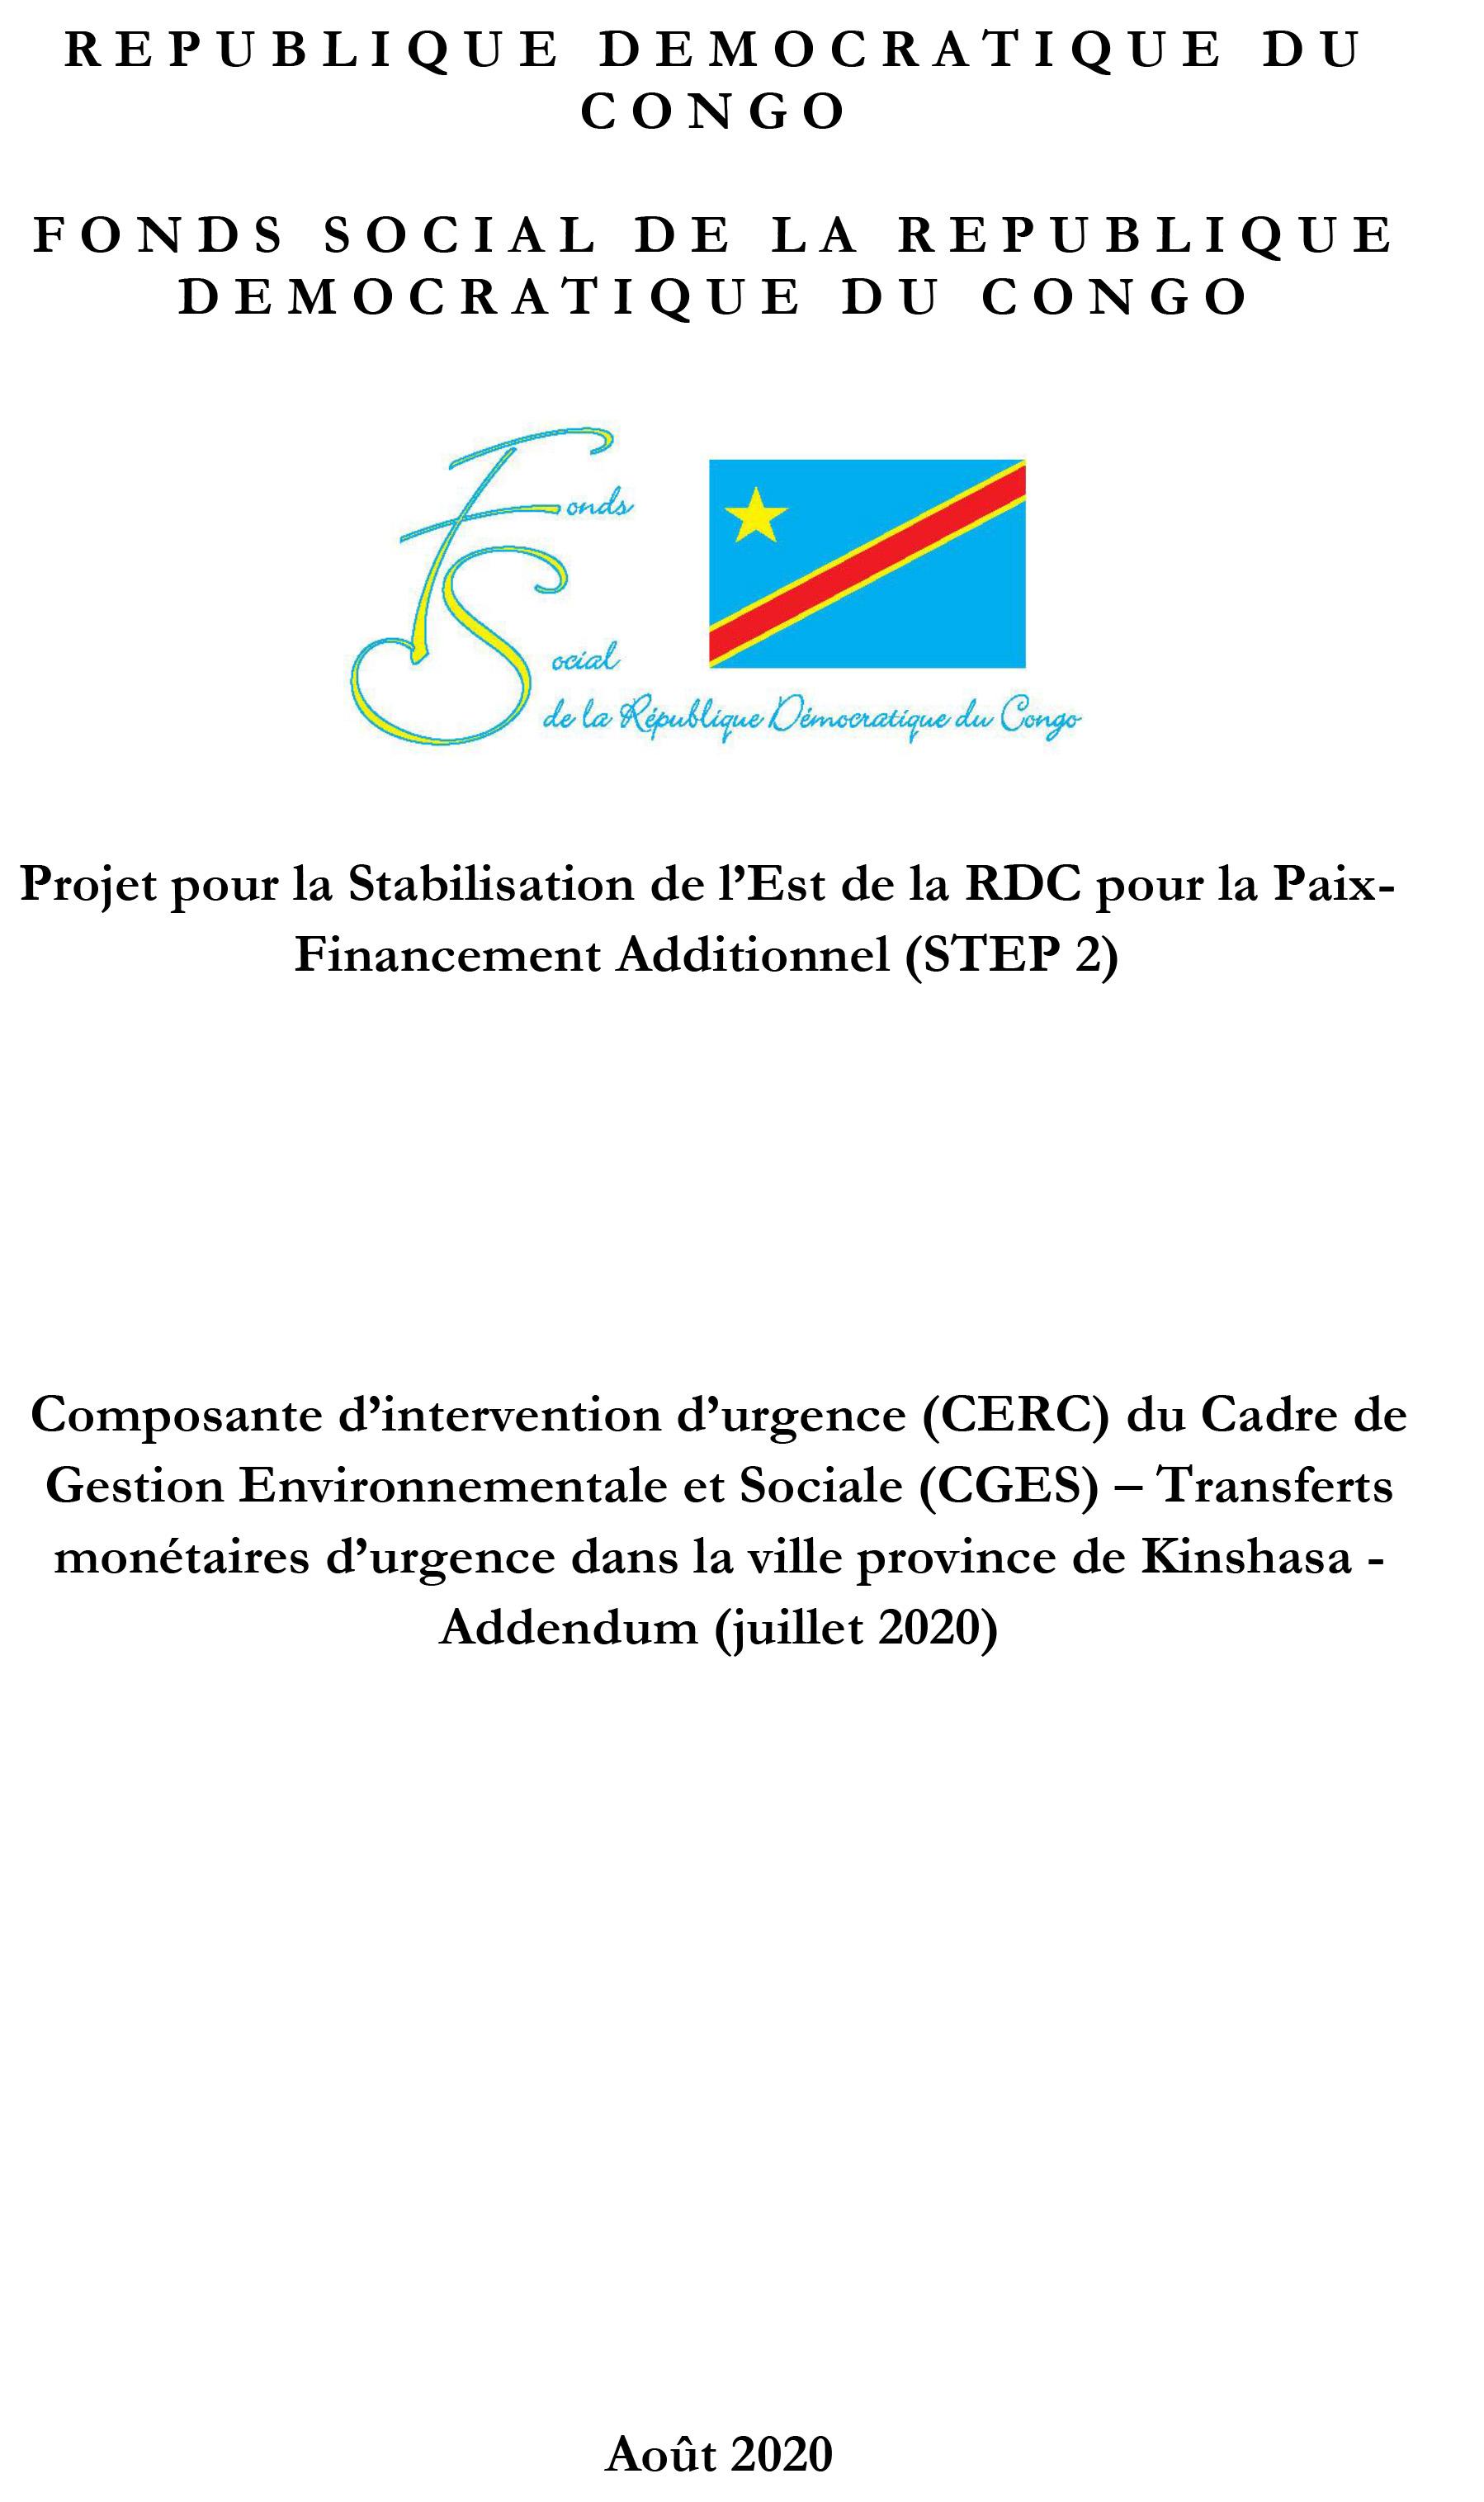 Projet pour la Stabilisation de Est de la RDC pour la Paix Financement Additionnel (STEP 2)